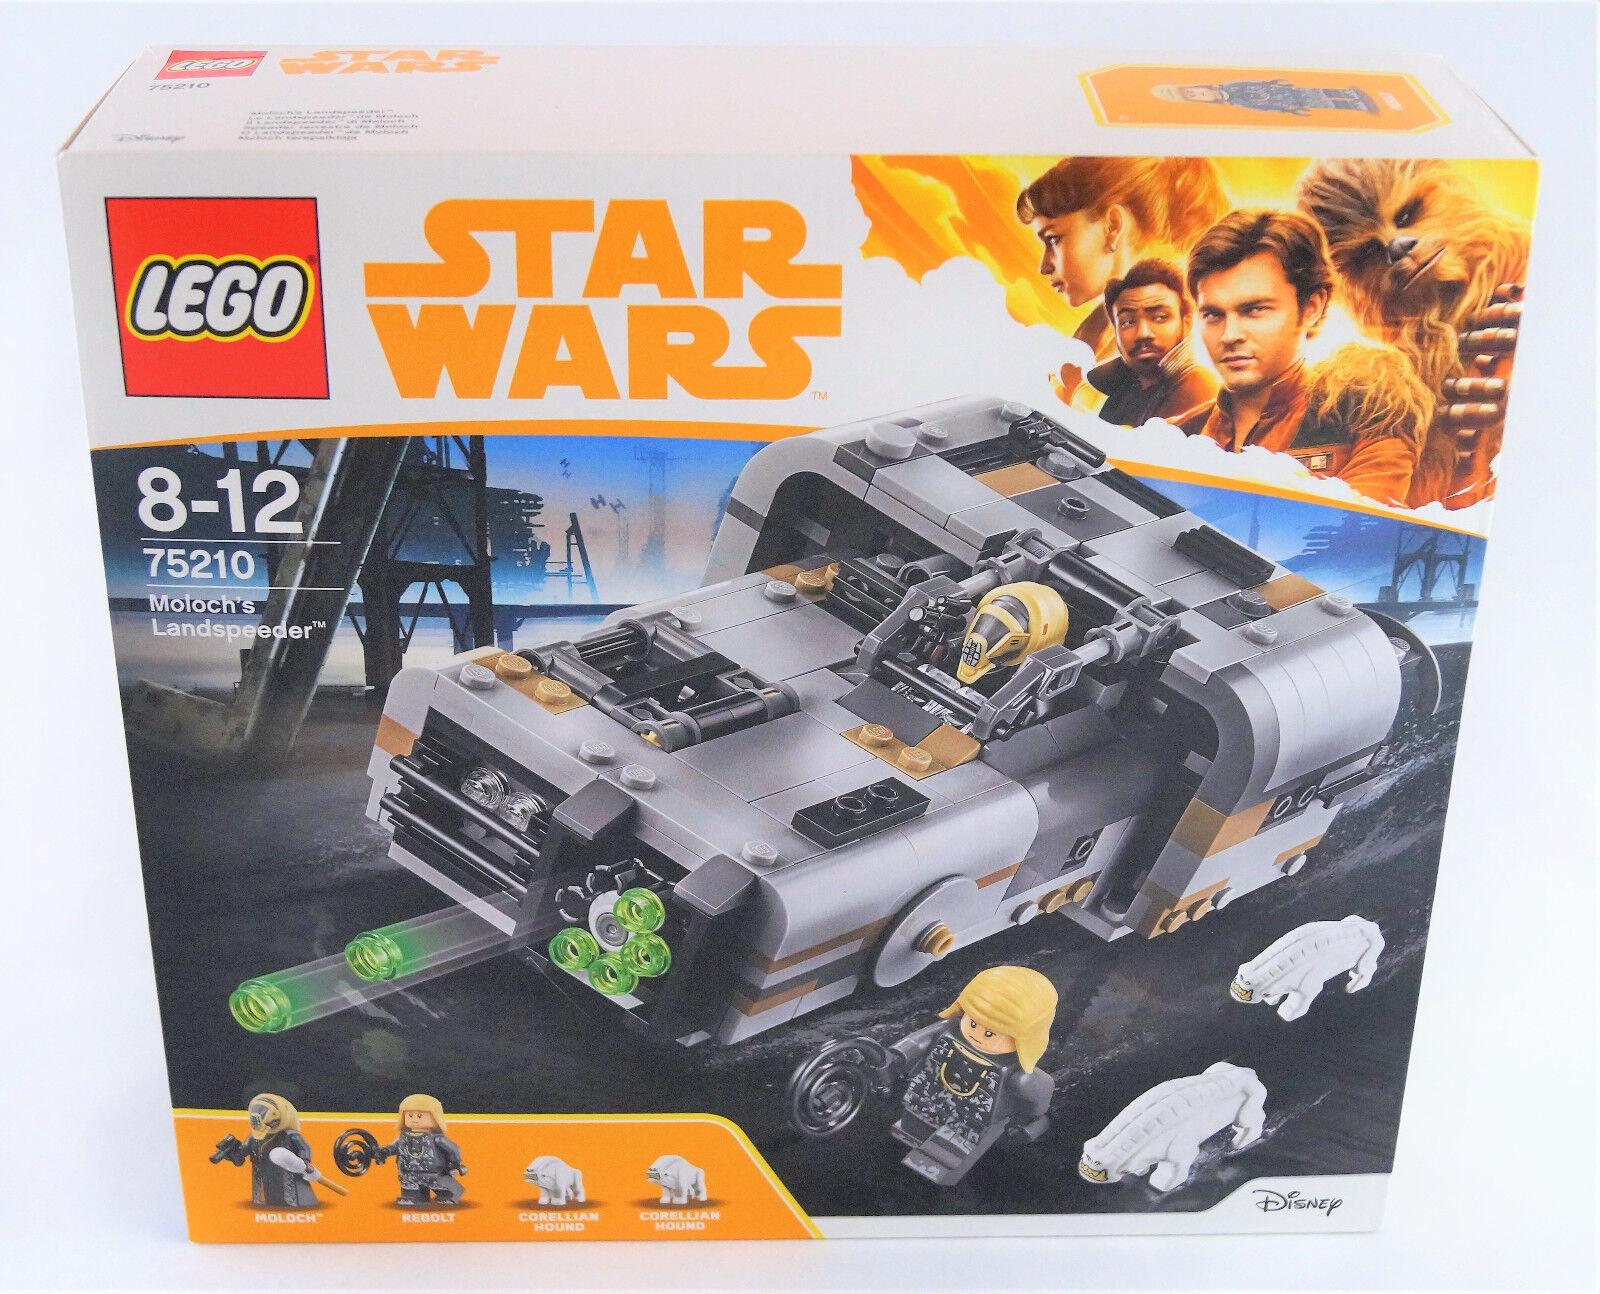 Lego® Star Wars 75210 Moloch's Landspeeder Han Solo Neuware   New   Sealed